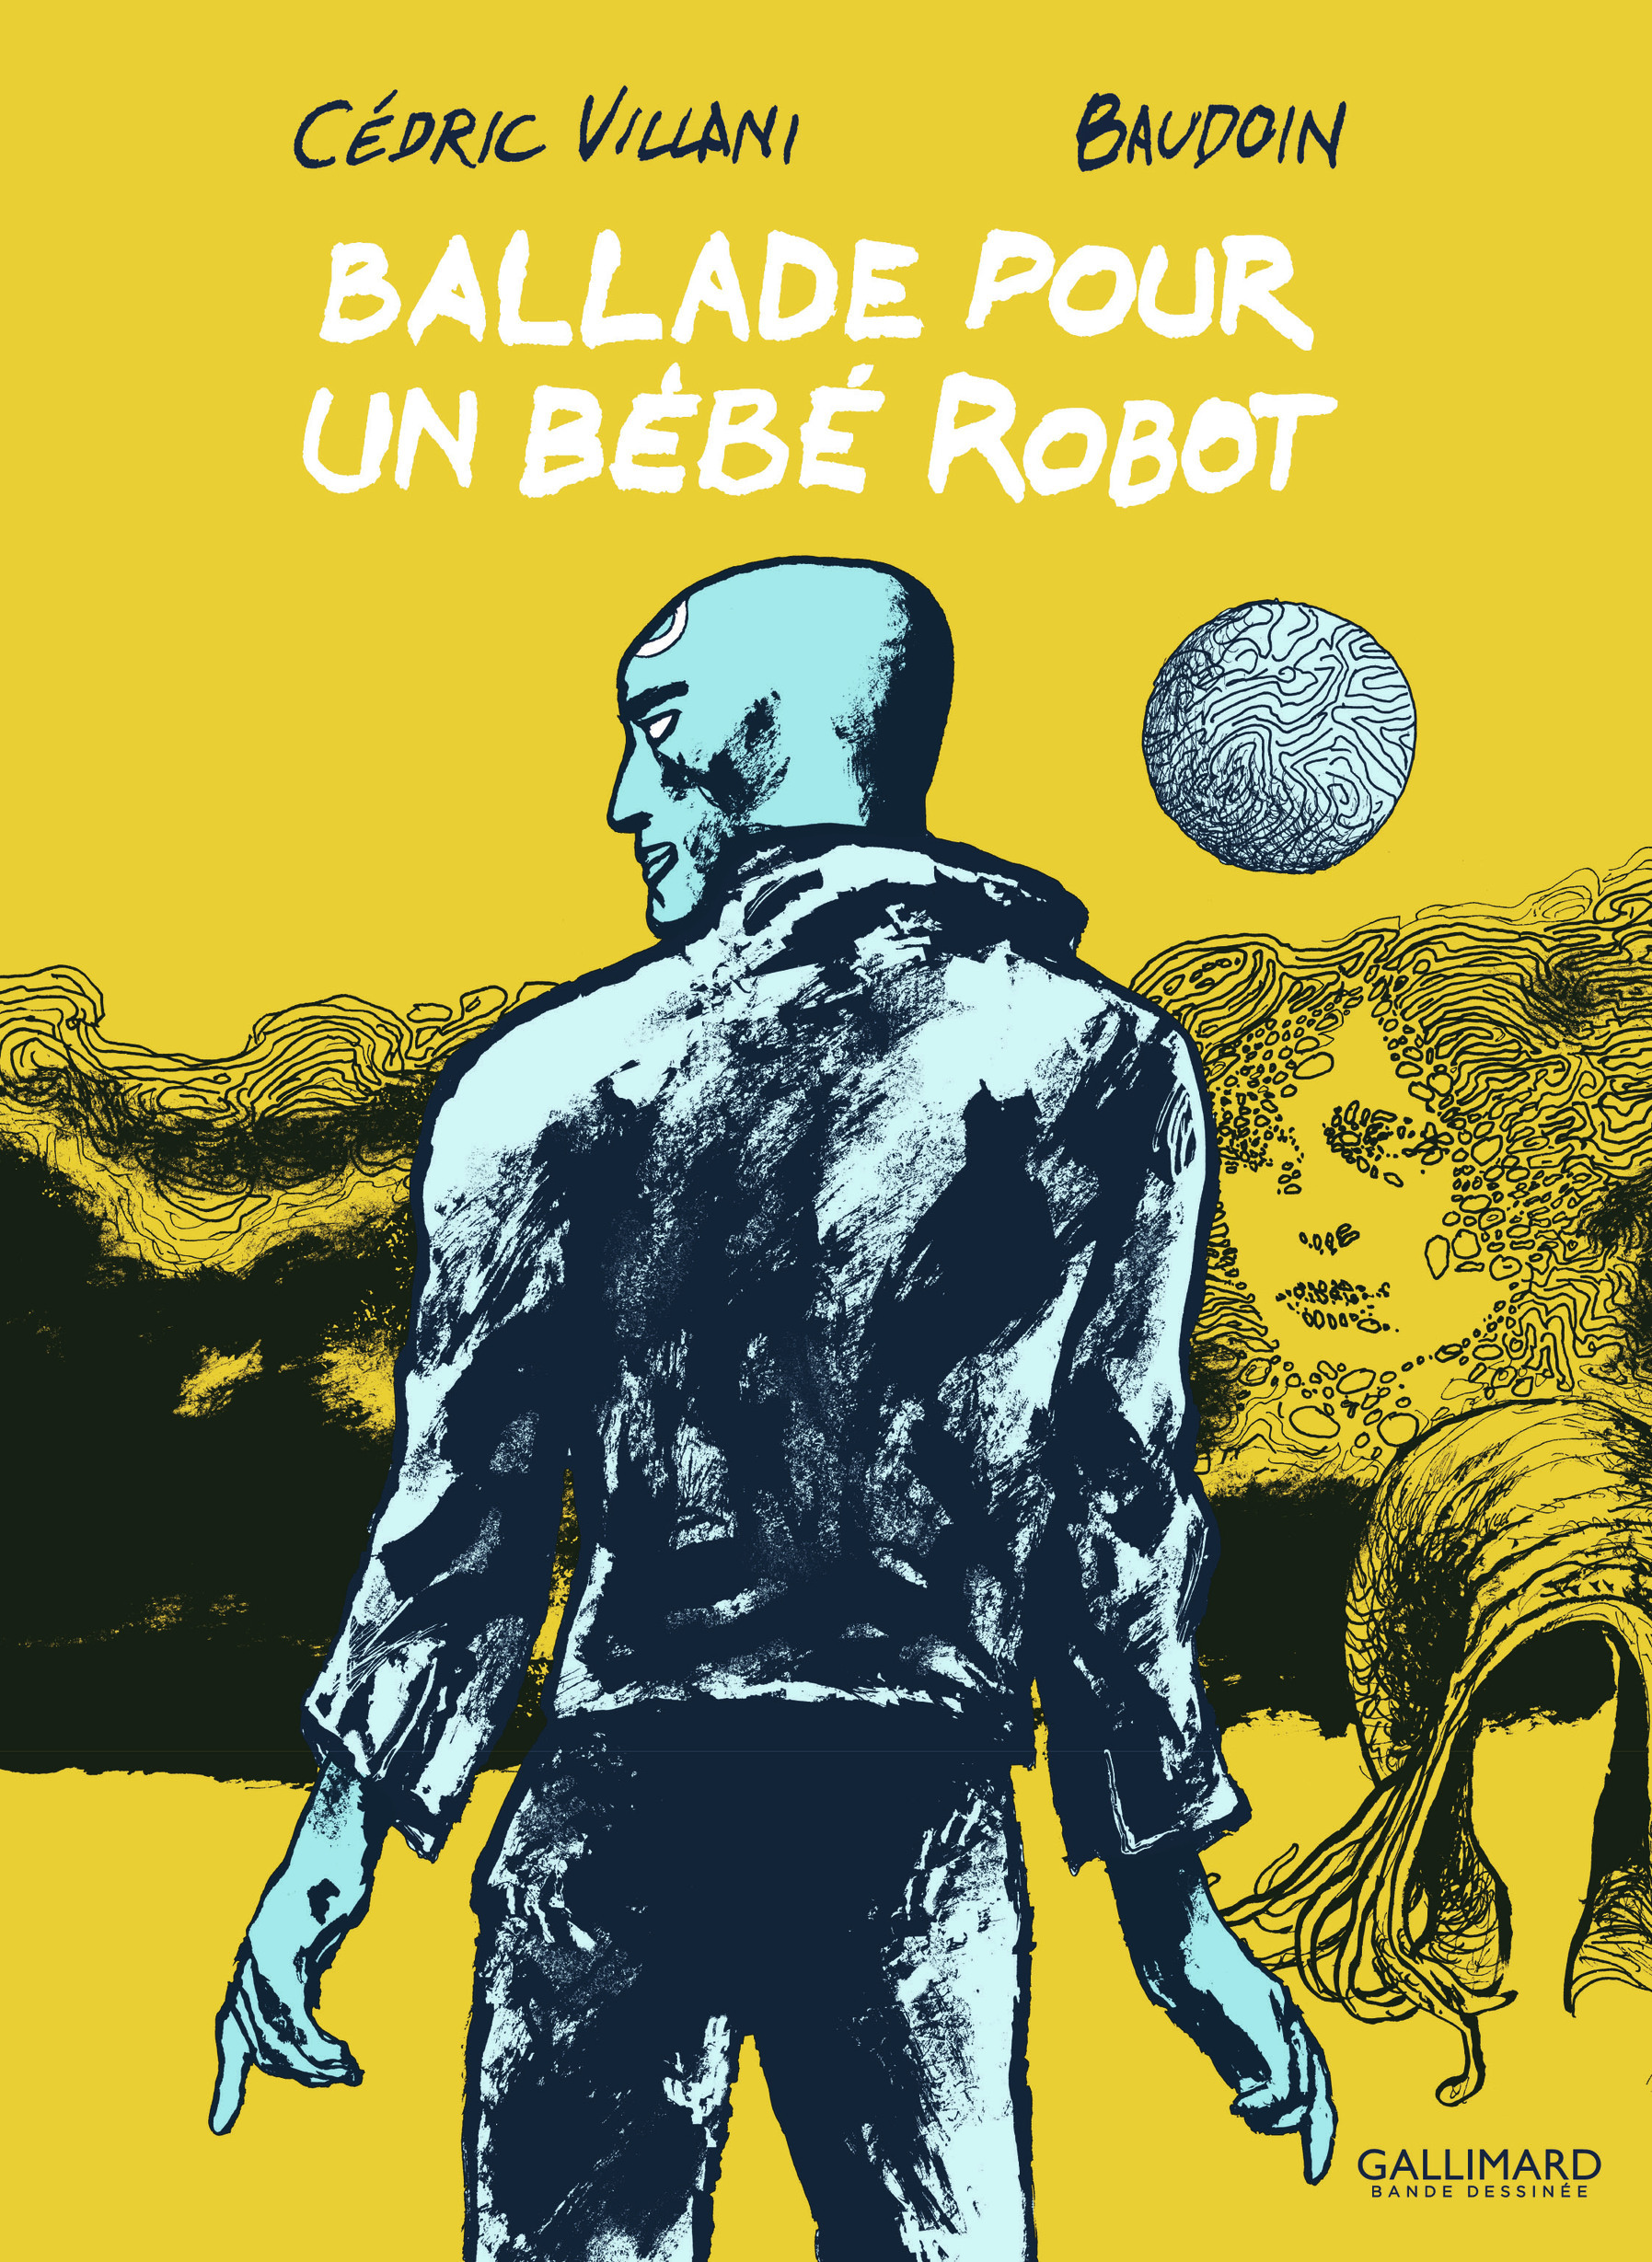 BALLADE POUR UN BEBE ROBOT